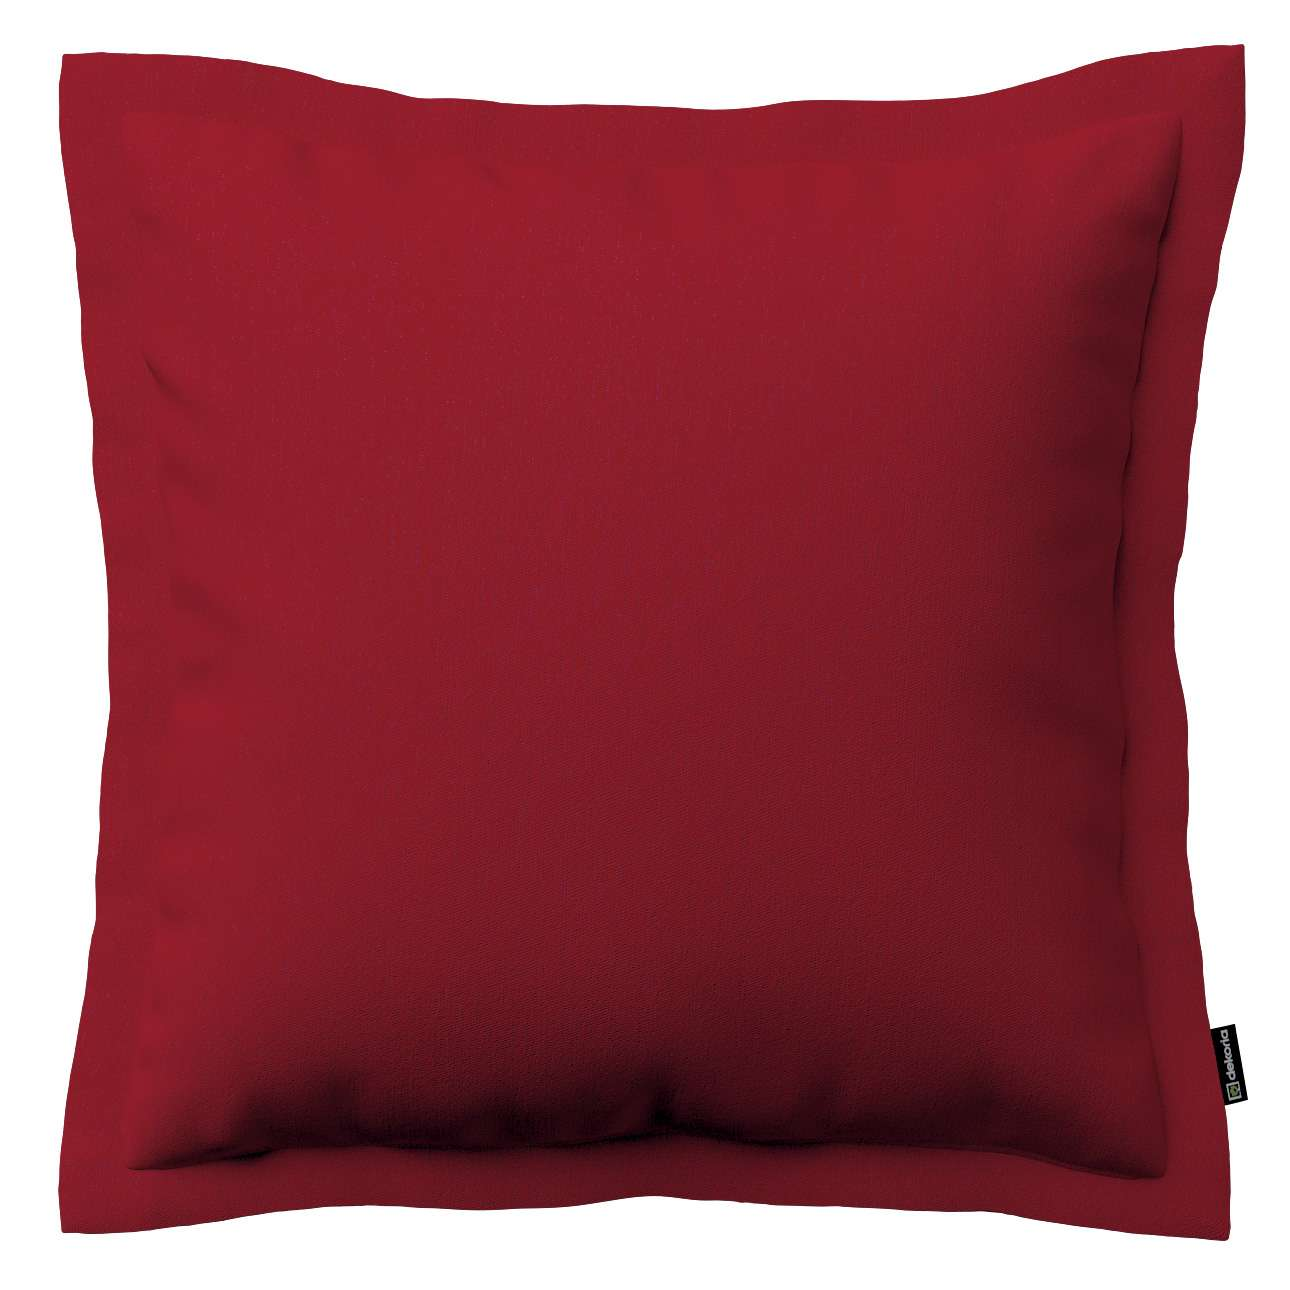 Mona dekoratyvinių pagalvėlių užvalkalas su sienele 45 x 45cm kolekcijoje Chenille, audinys: 702-24